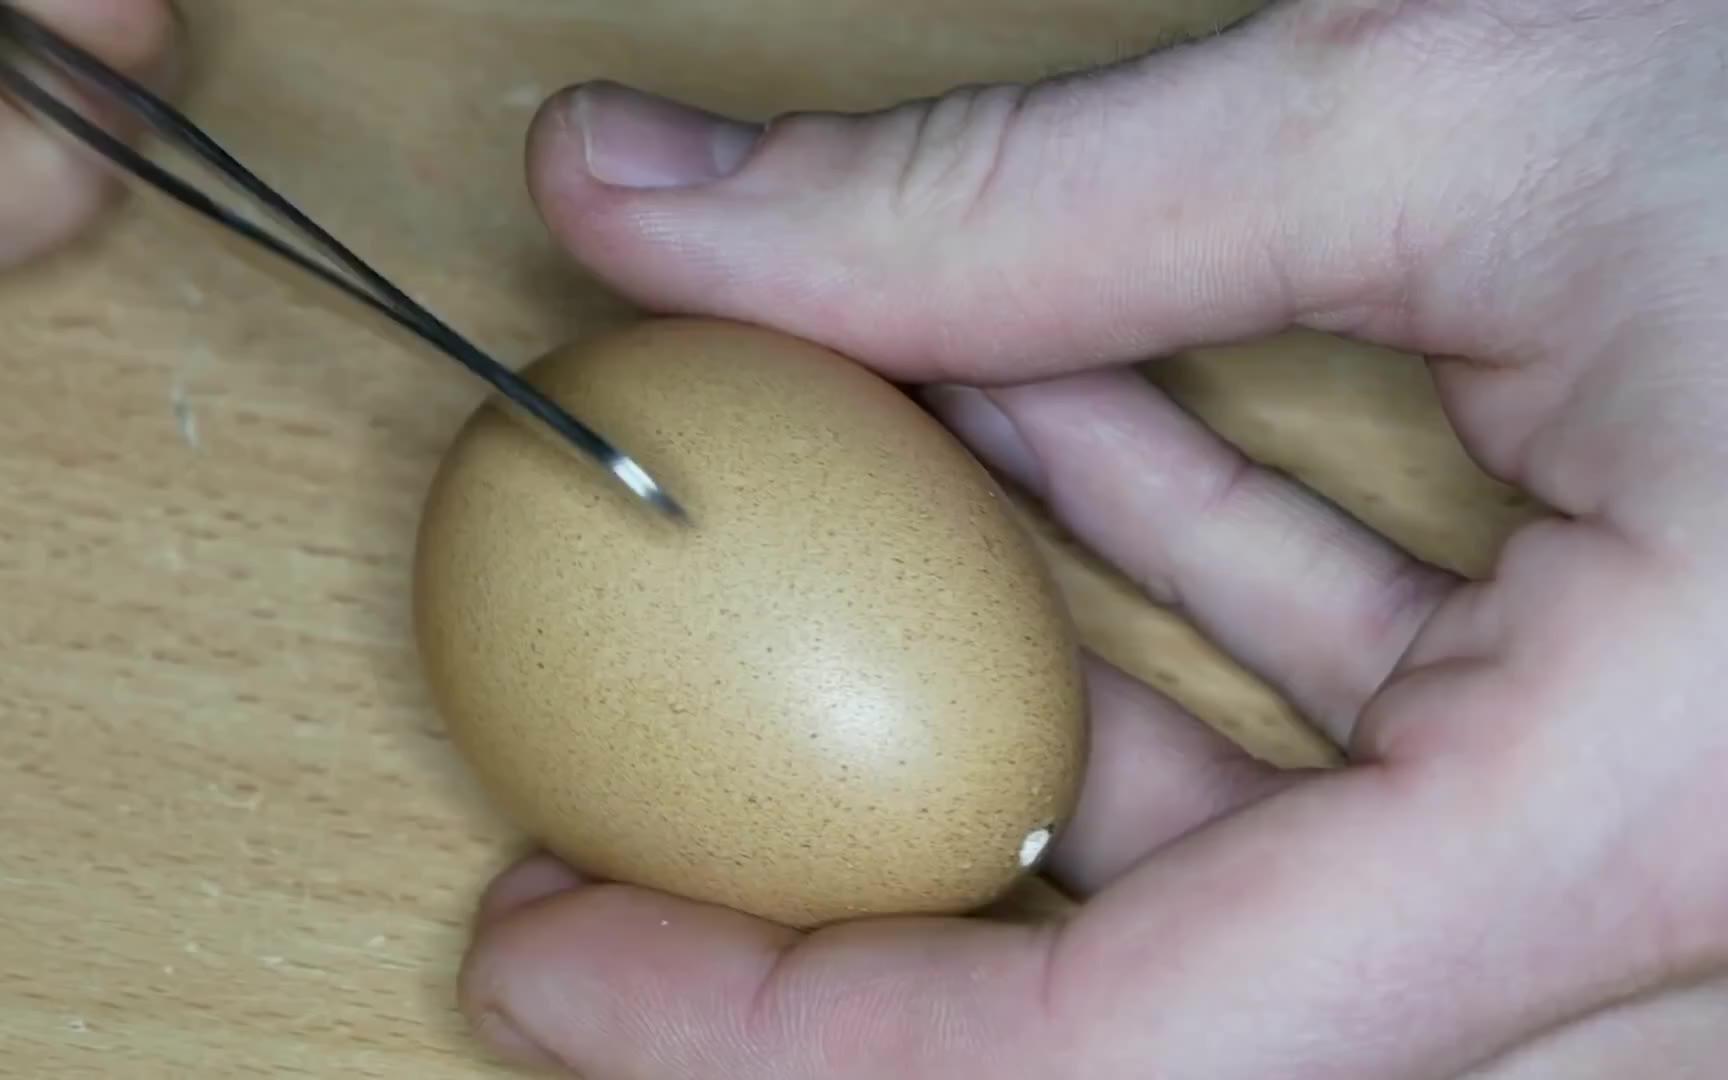 子弹穿过鸡蛋壳的瞬间,用环氧树脂封印,这创意真是绝了